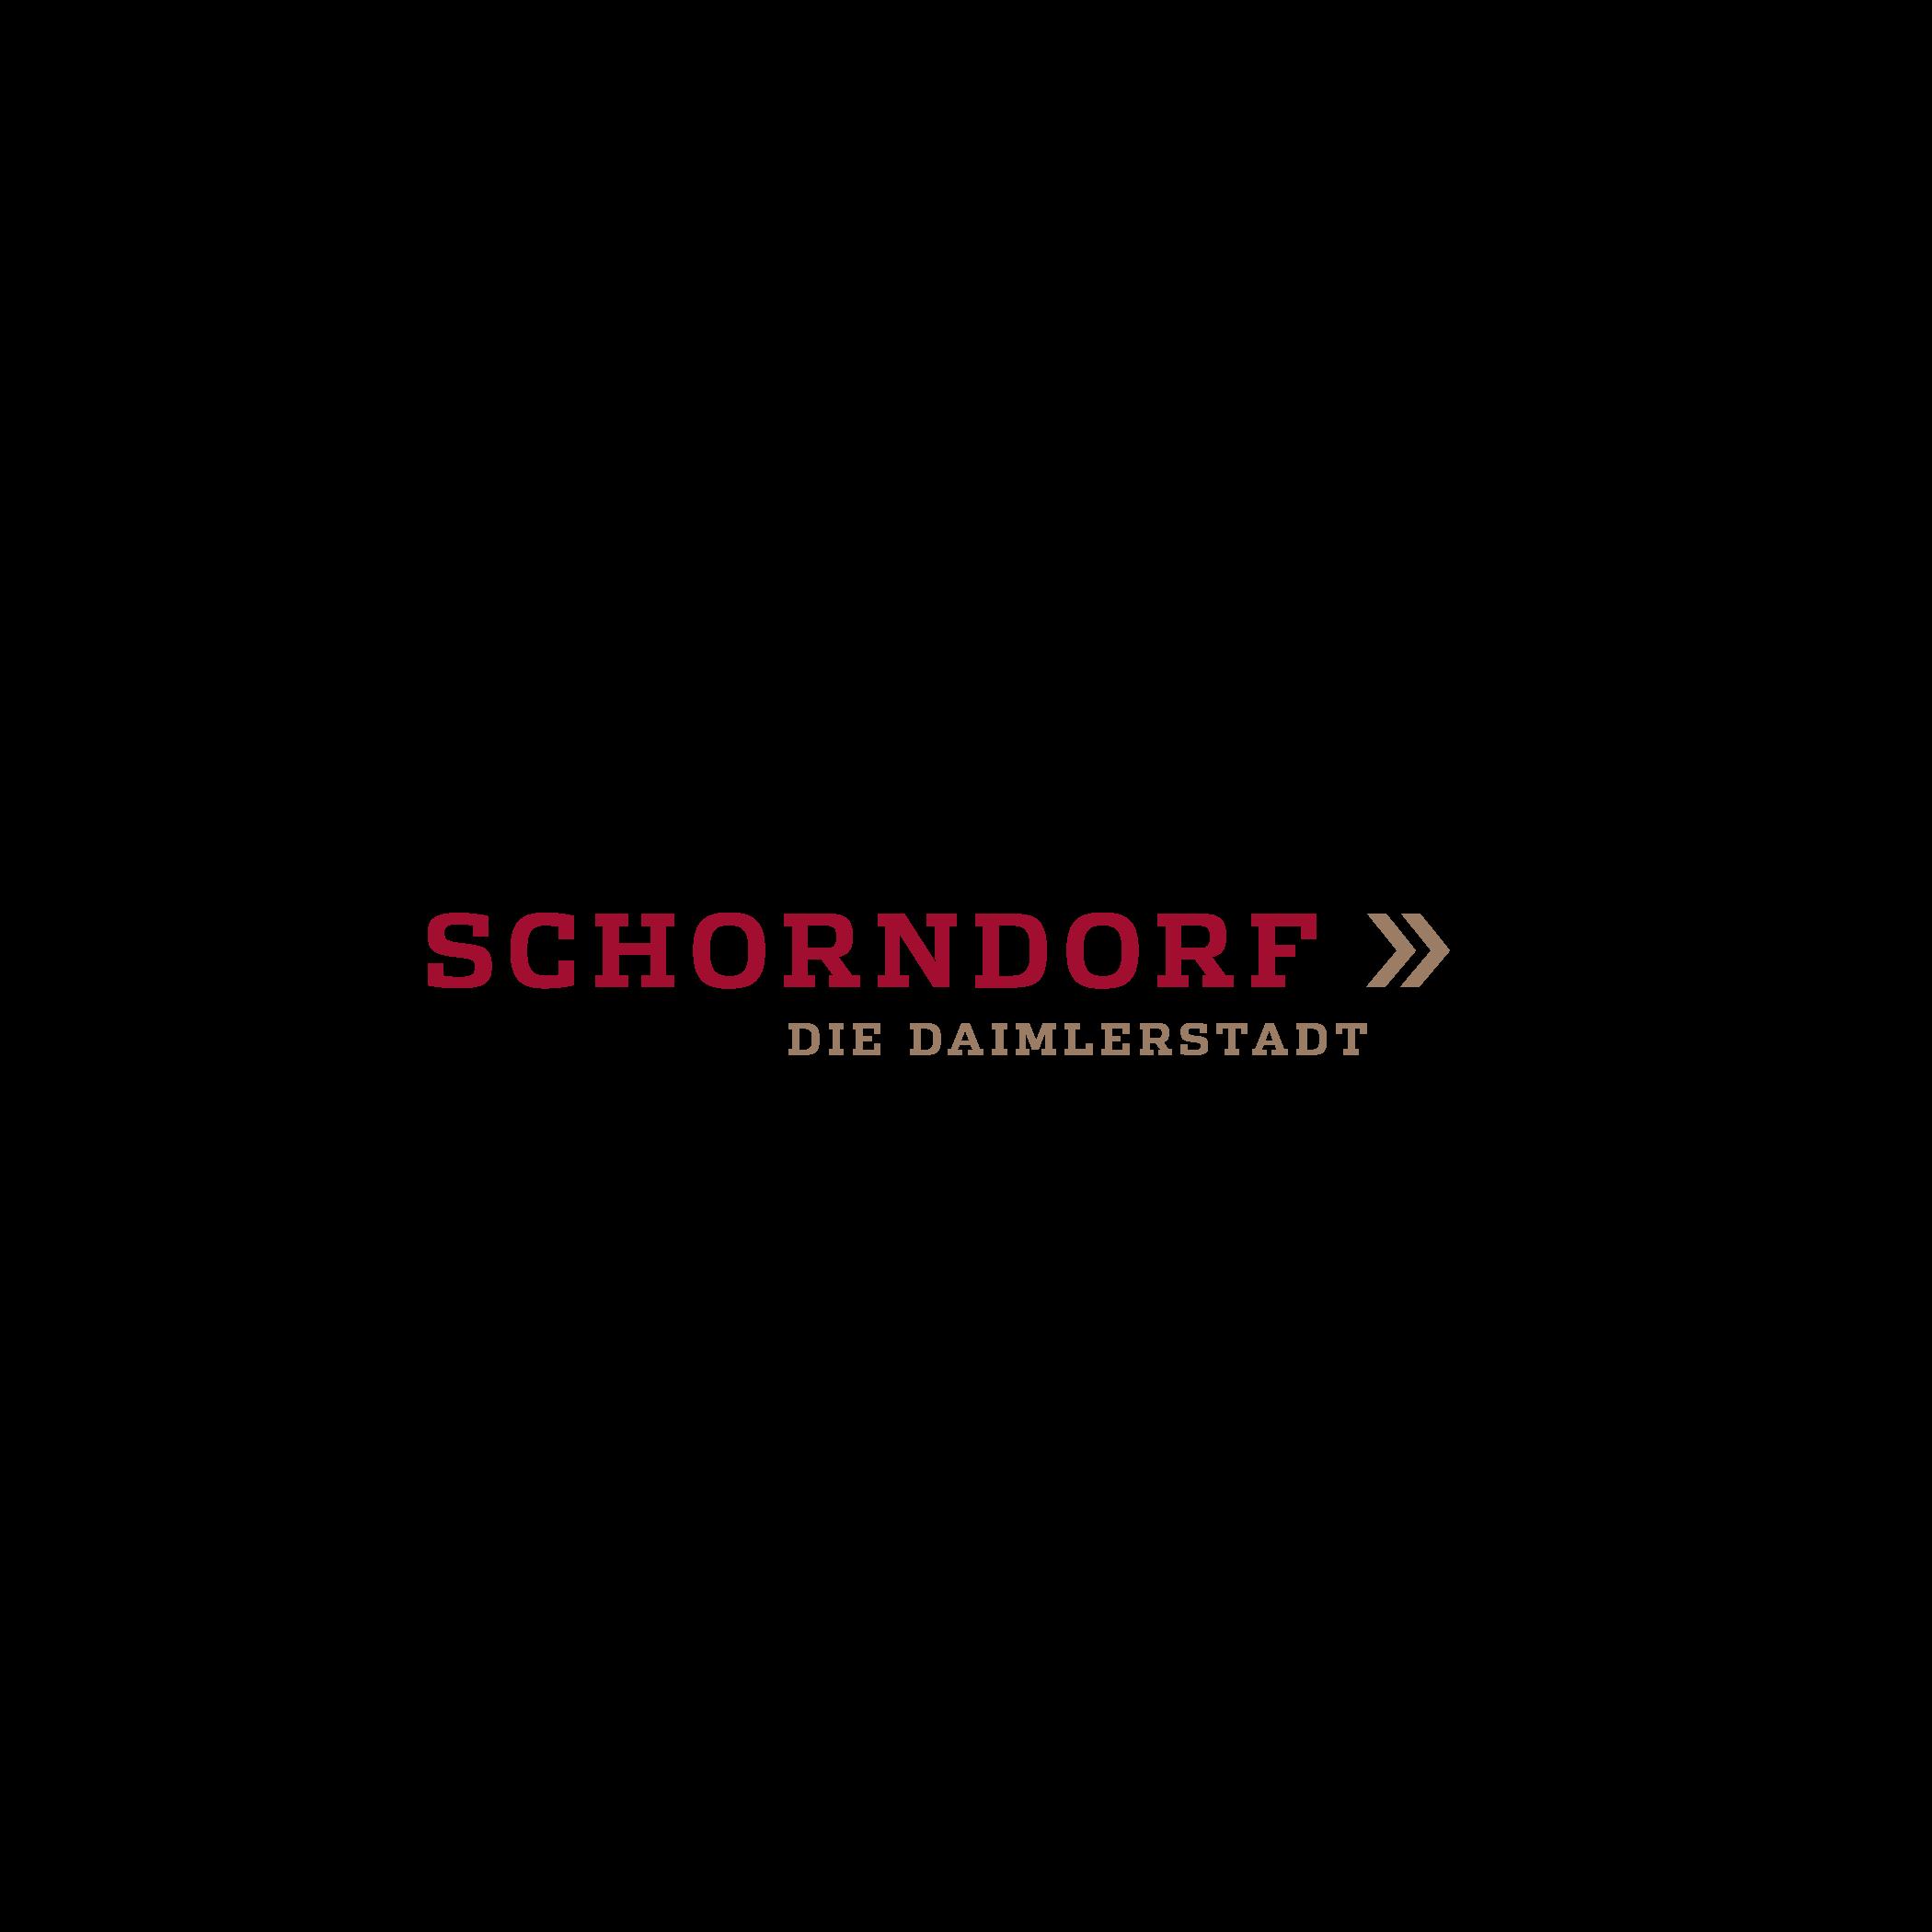 Logo Stadt Schorndorf